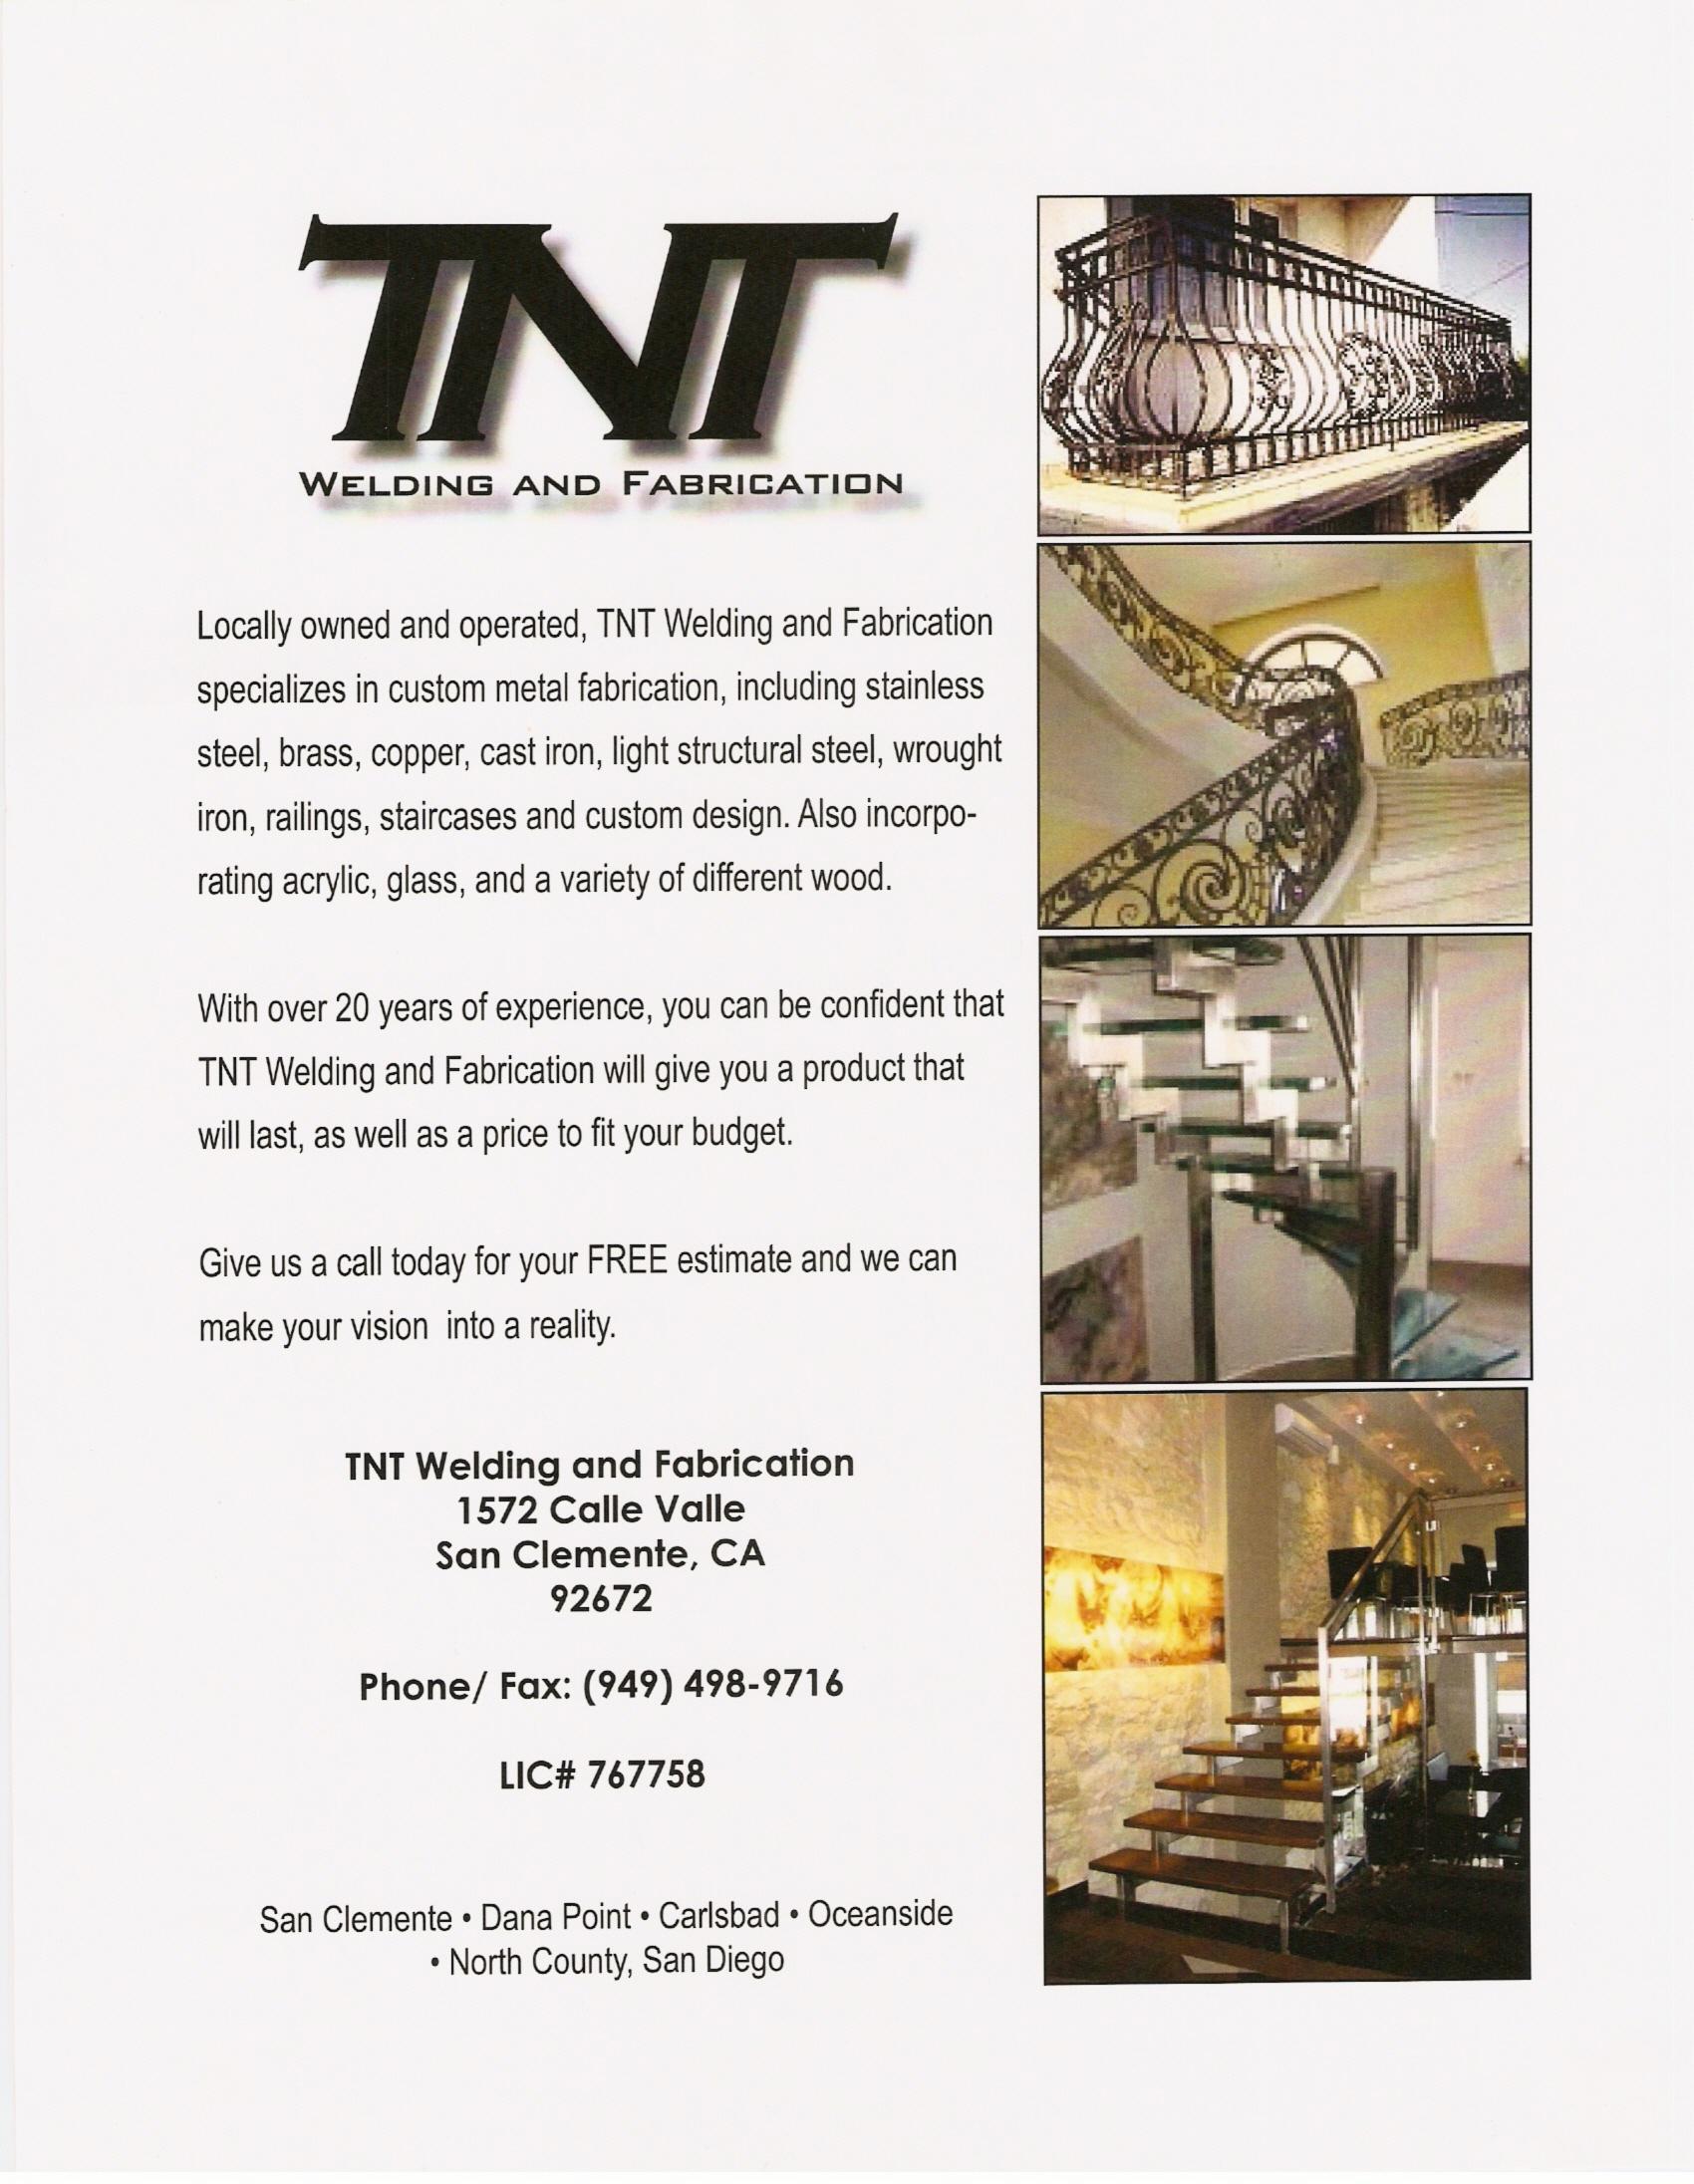 Welding Fabrication in San Clemente, CA | TNT Welding